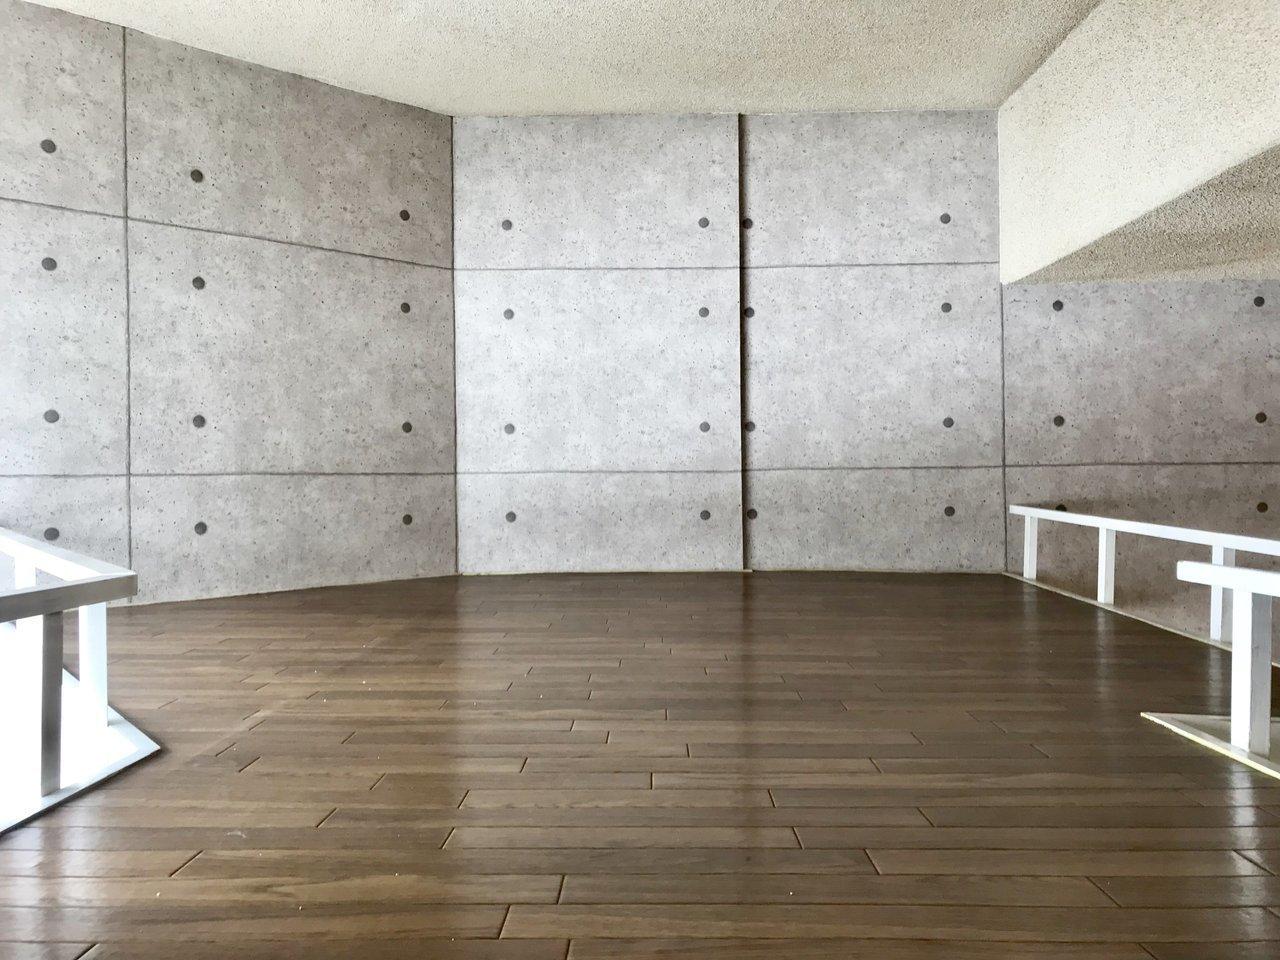 ロフトは広さもあるので、布団やマットレスを敷いて寝室にするのがいいでしょう。ただ階下に収納スペースがないので、うまく共存するように工夫できたらいいですね。